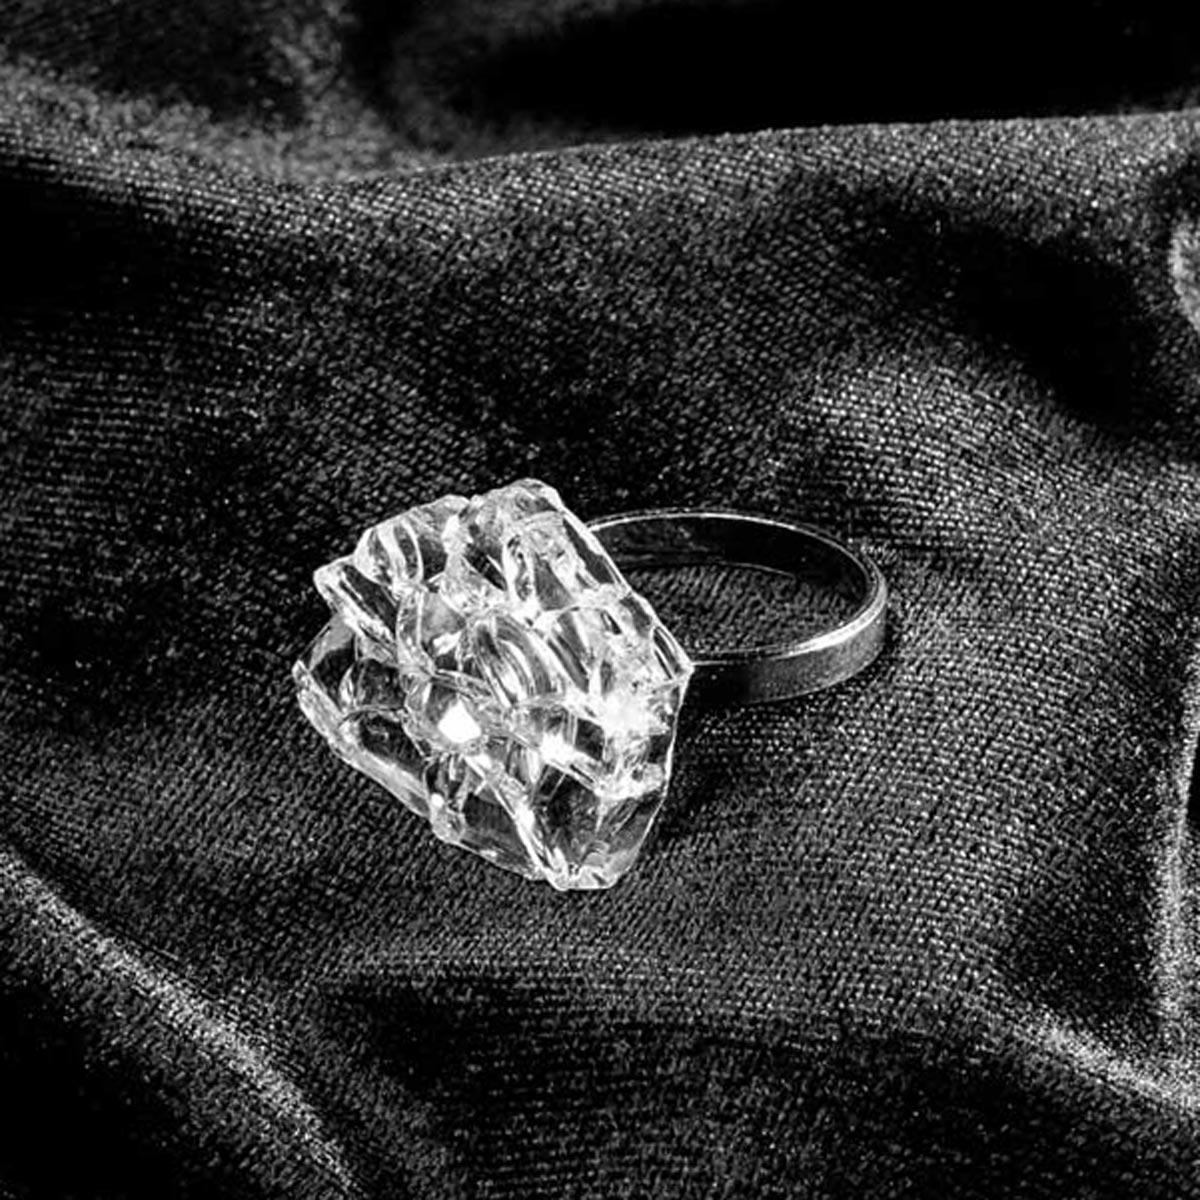 Z vymlácenýho okna naší dodávky vznikly tyhle jedinečný šperky z dílny ŽELÉ JEWELLERY. Limitka pro 60 vostrejch holek. Každej kus je originál tvarem i velikostí. Největší střepy, který z tranďáka zbyly.